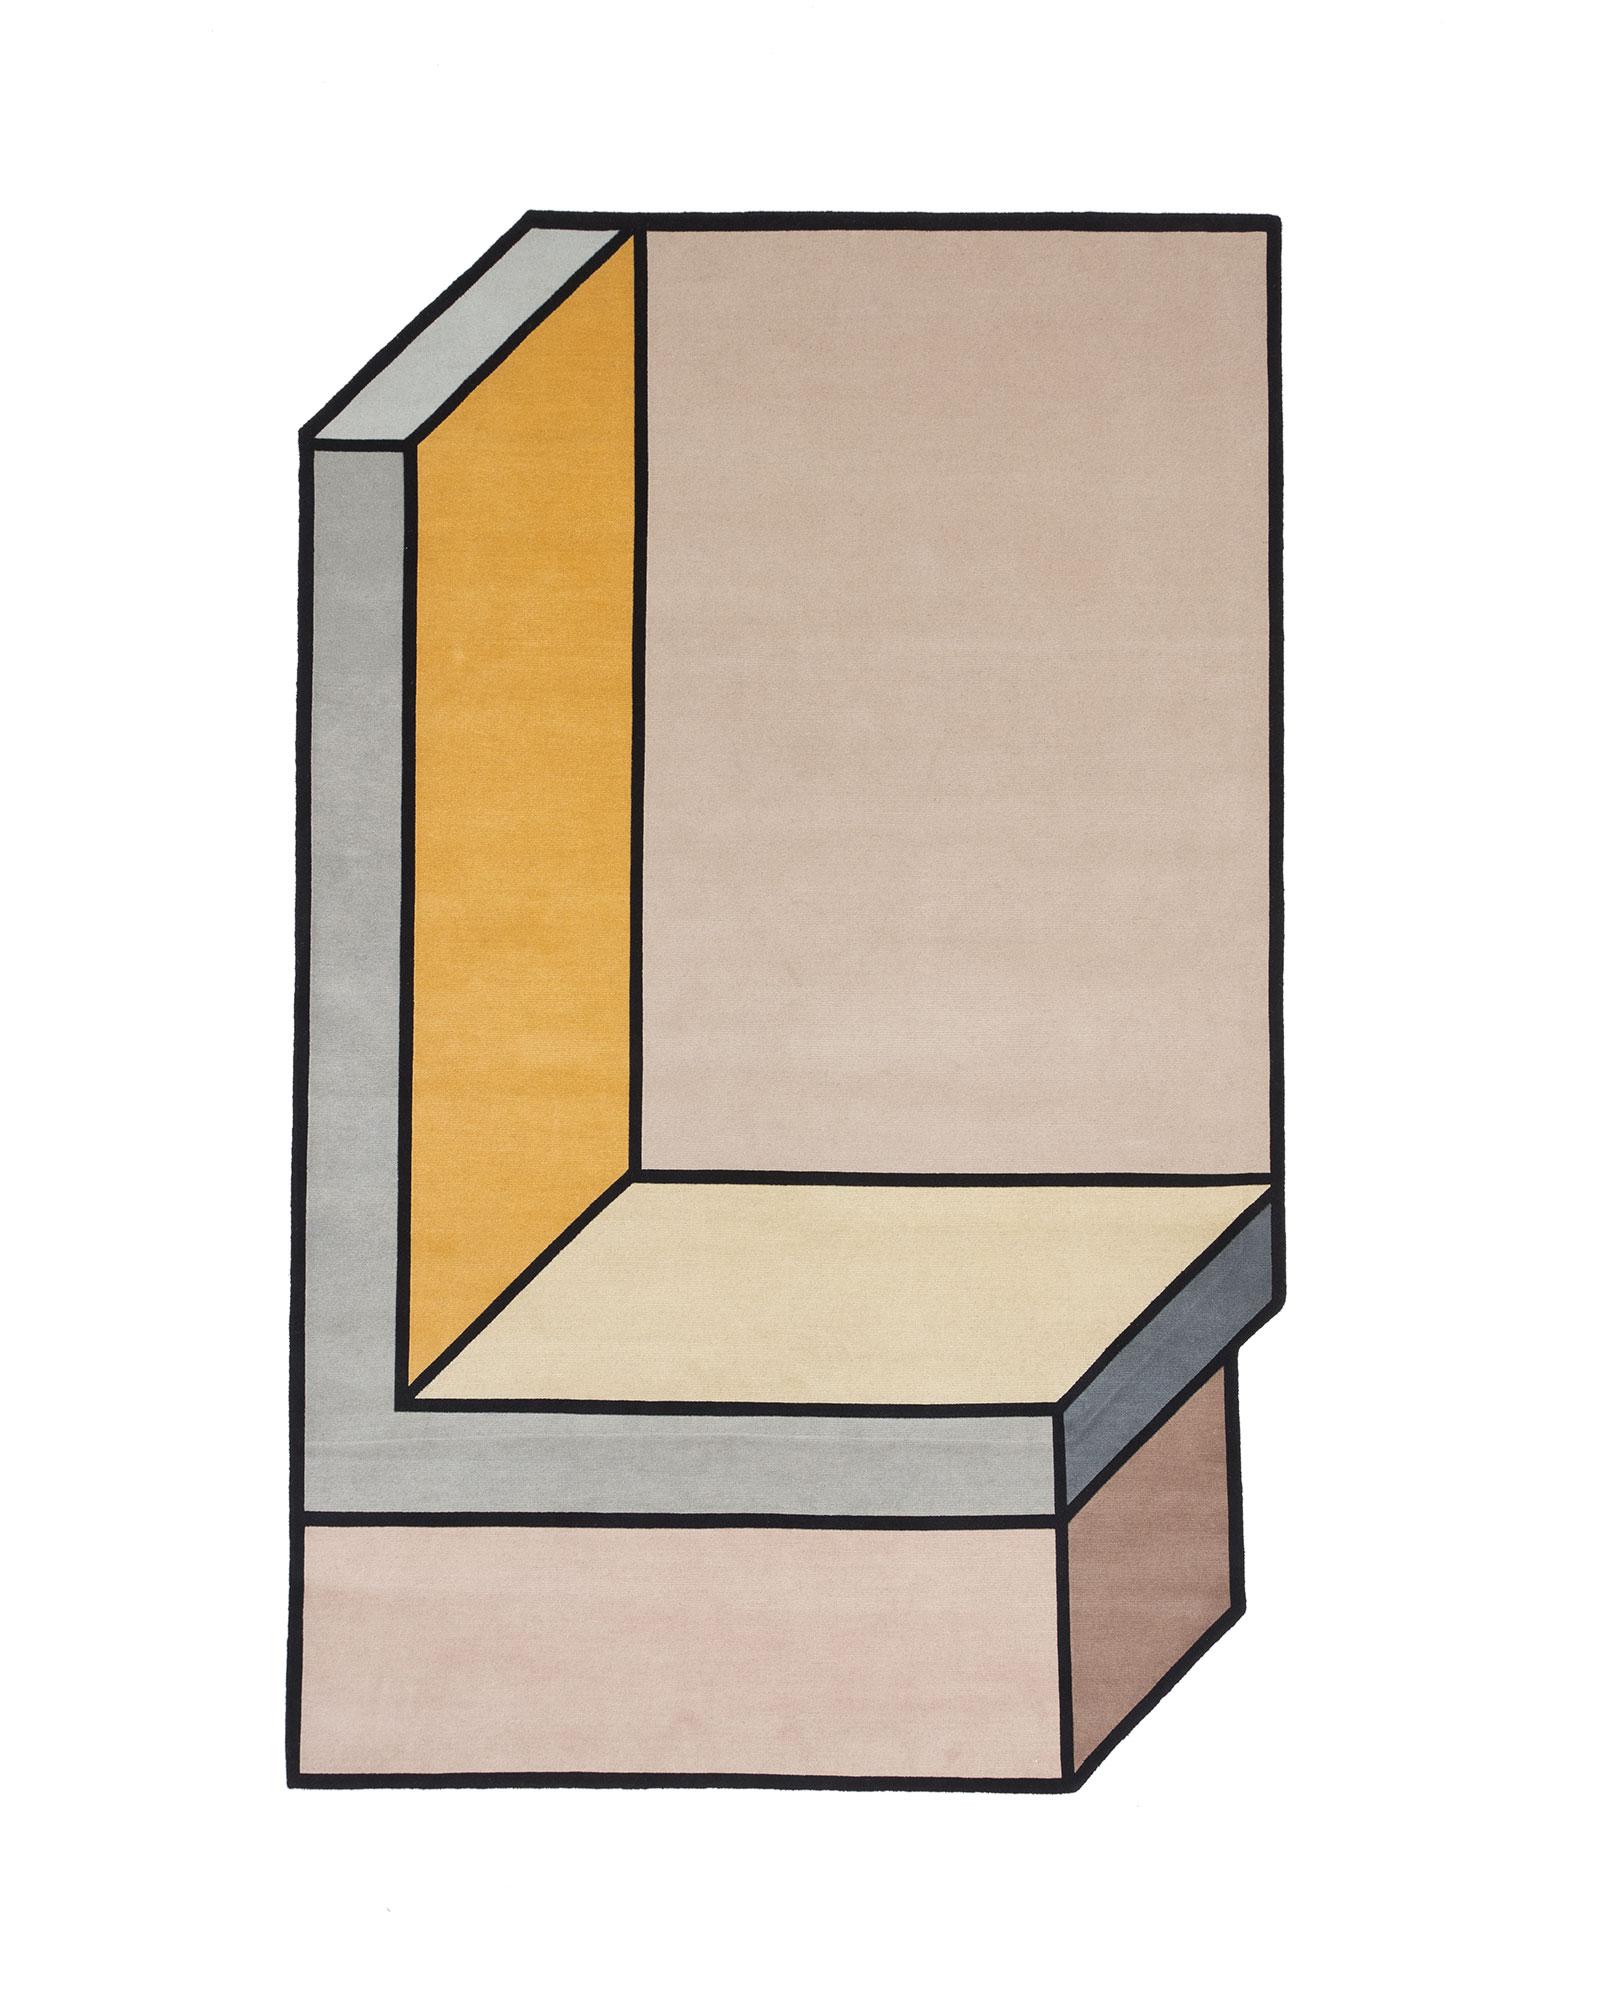 Visioni rug designed by Patricia Urquiola